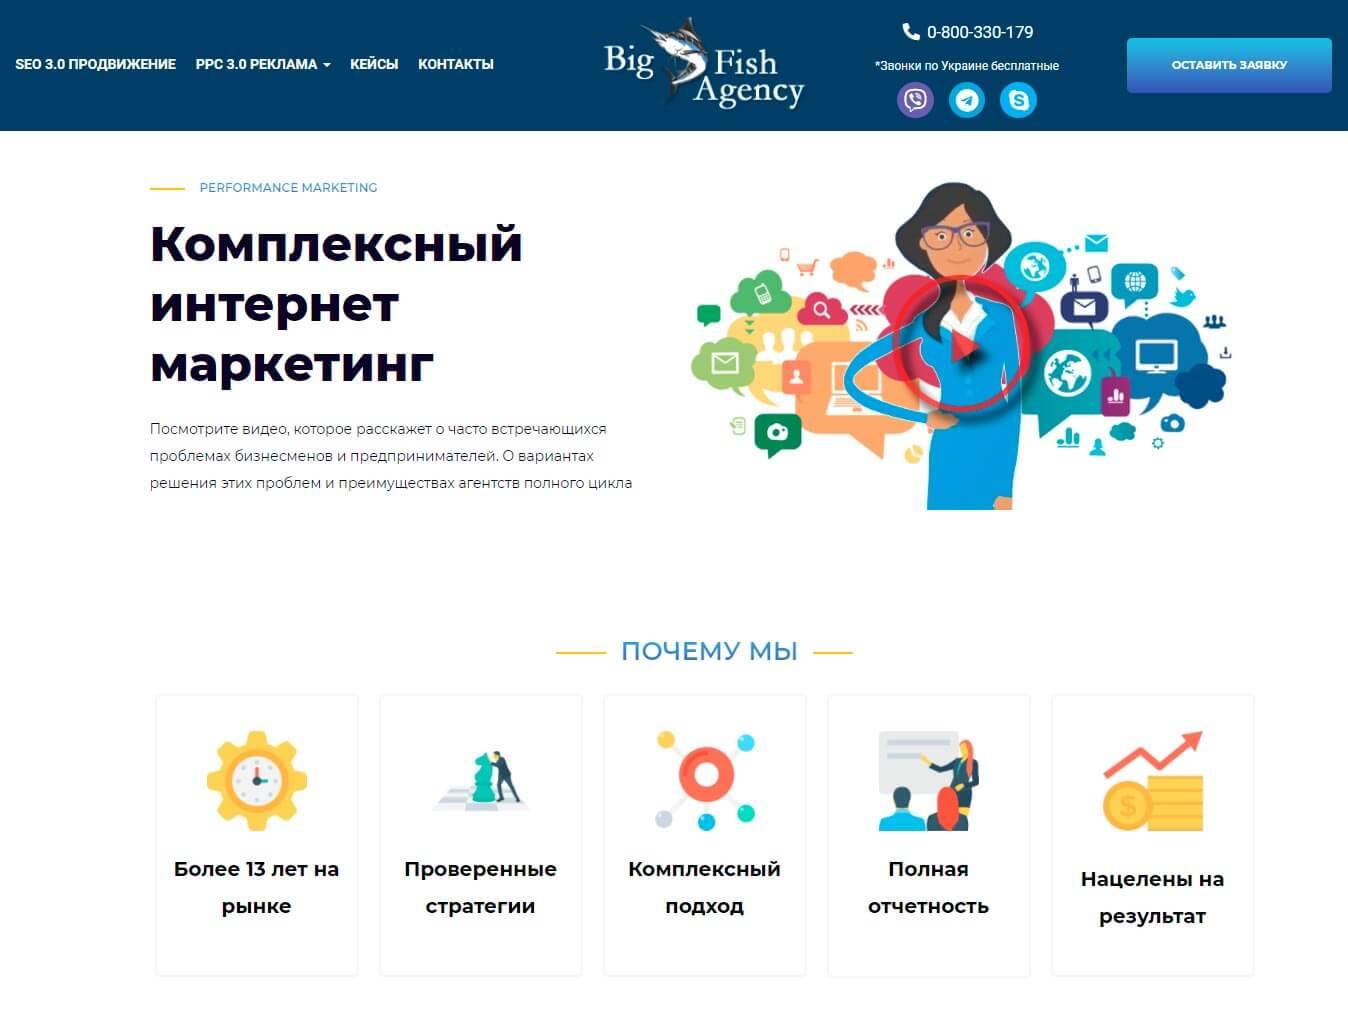 Big Fish Agency - обзор компании, услуги, отзывы, клиенты   Google SEO, Фото № 2 - google-seo.pro